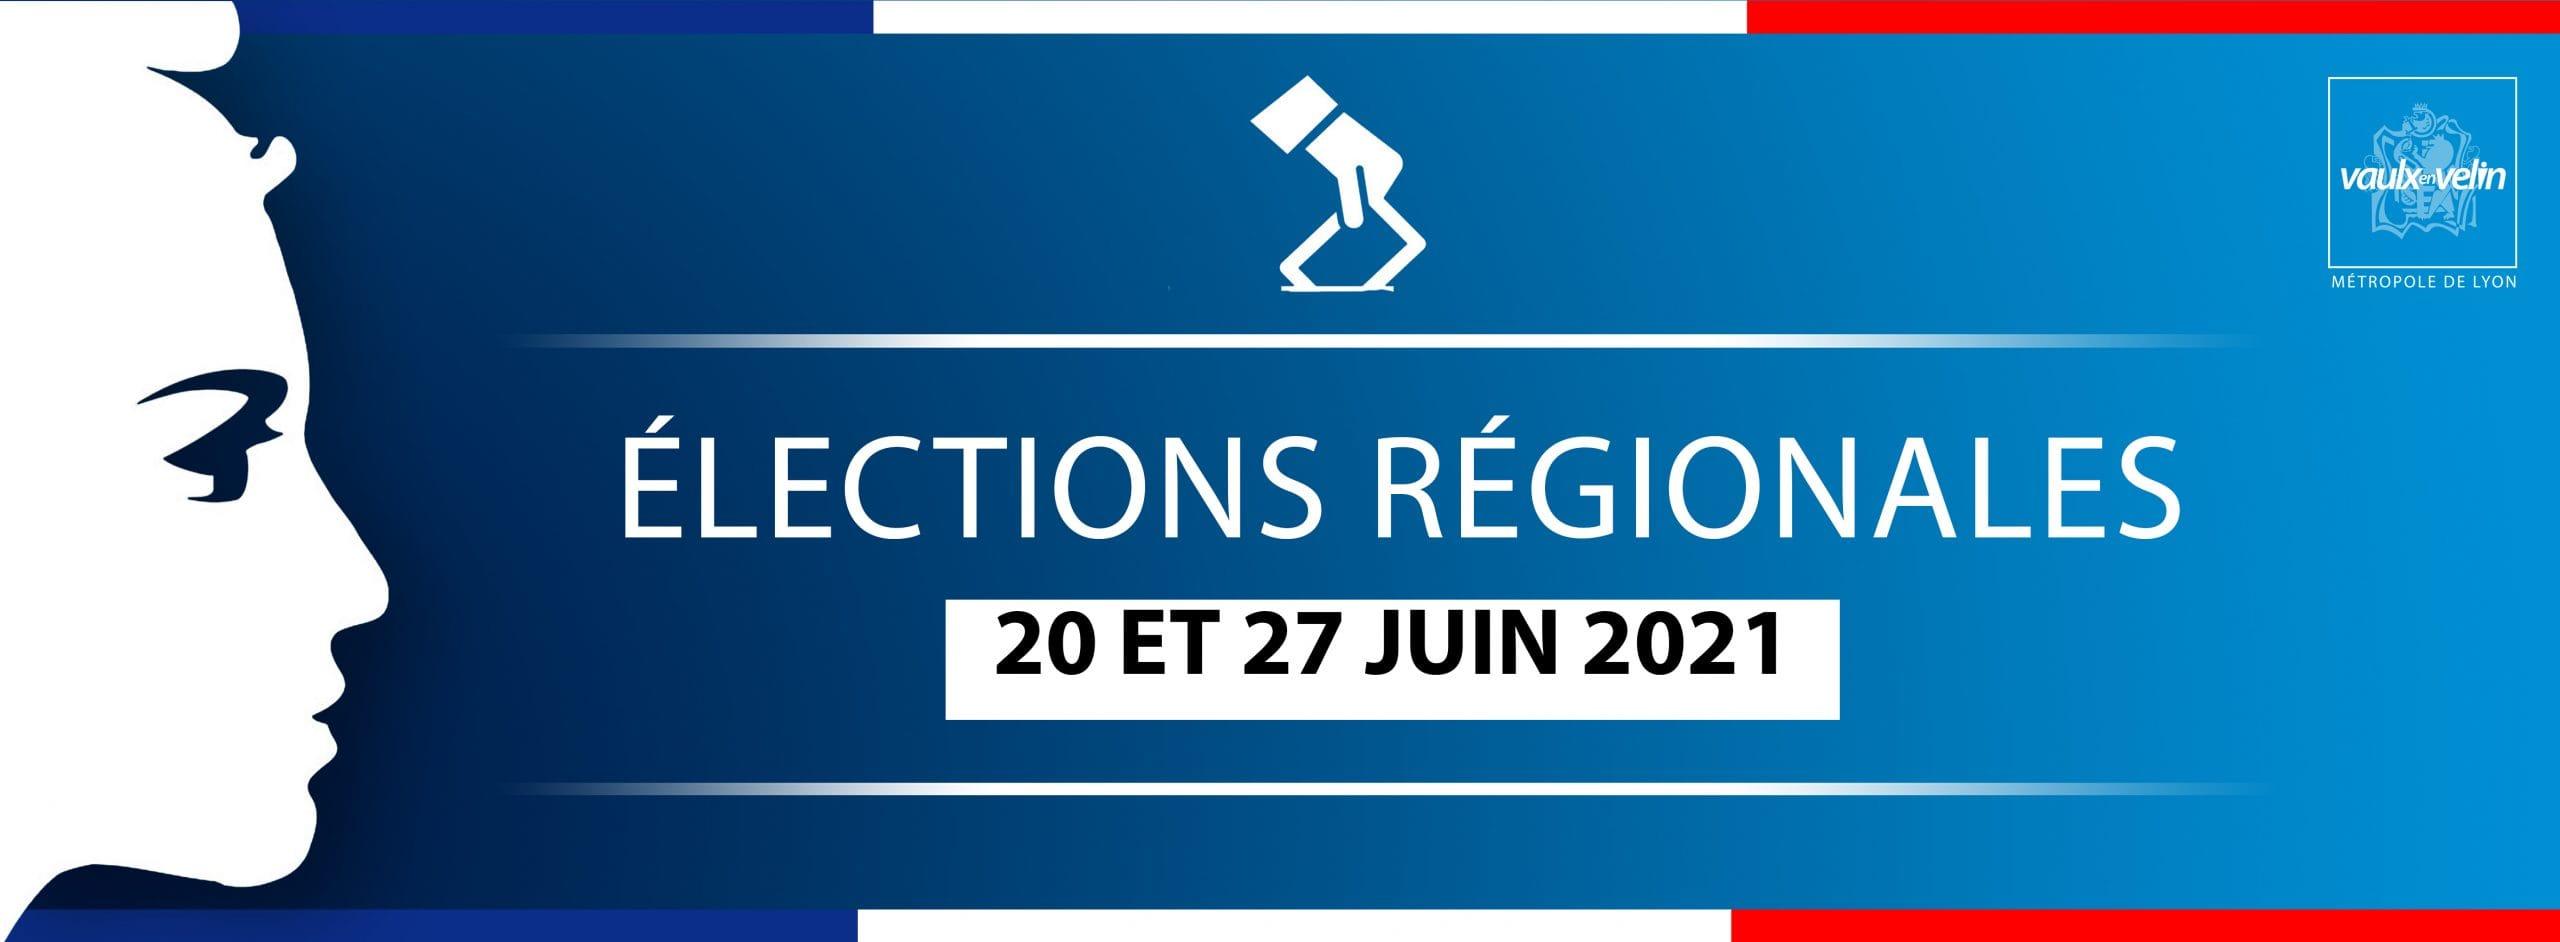 Élections régionales – 20 & 27 juin 2021